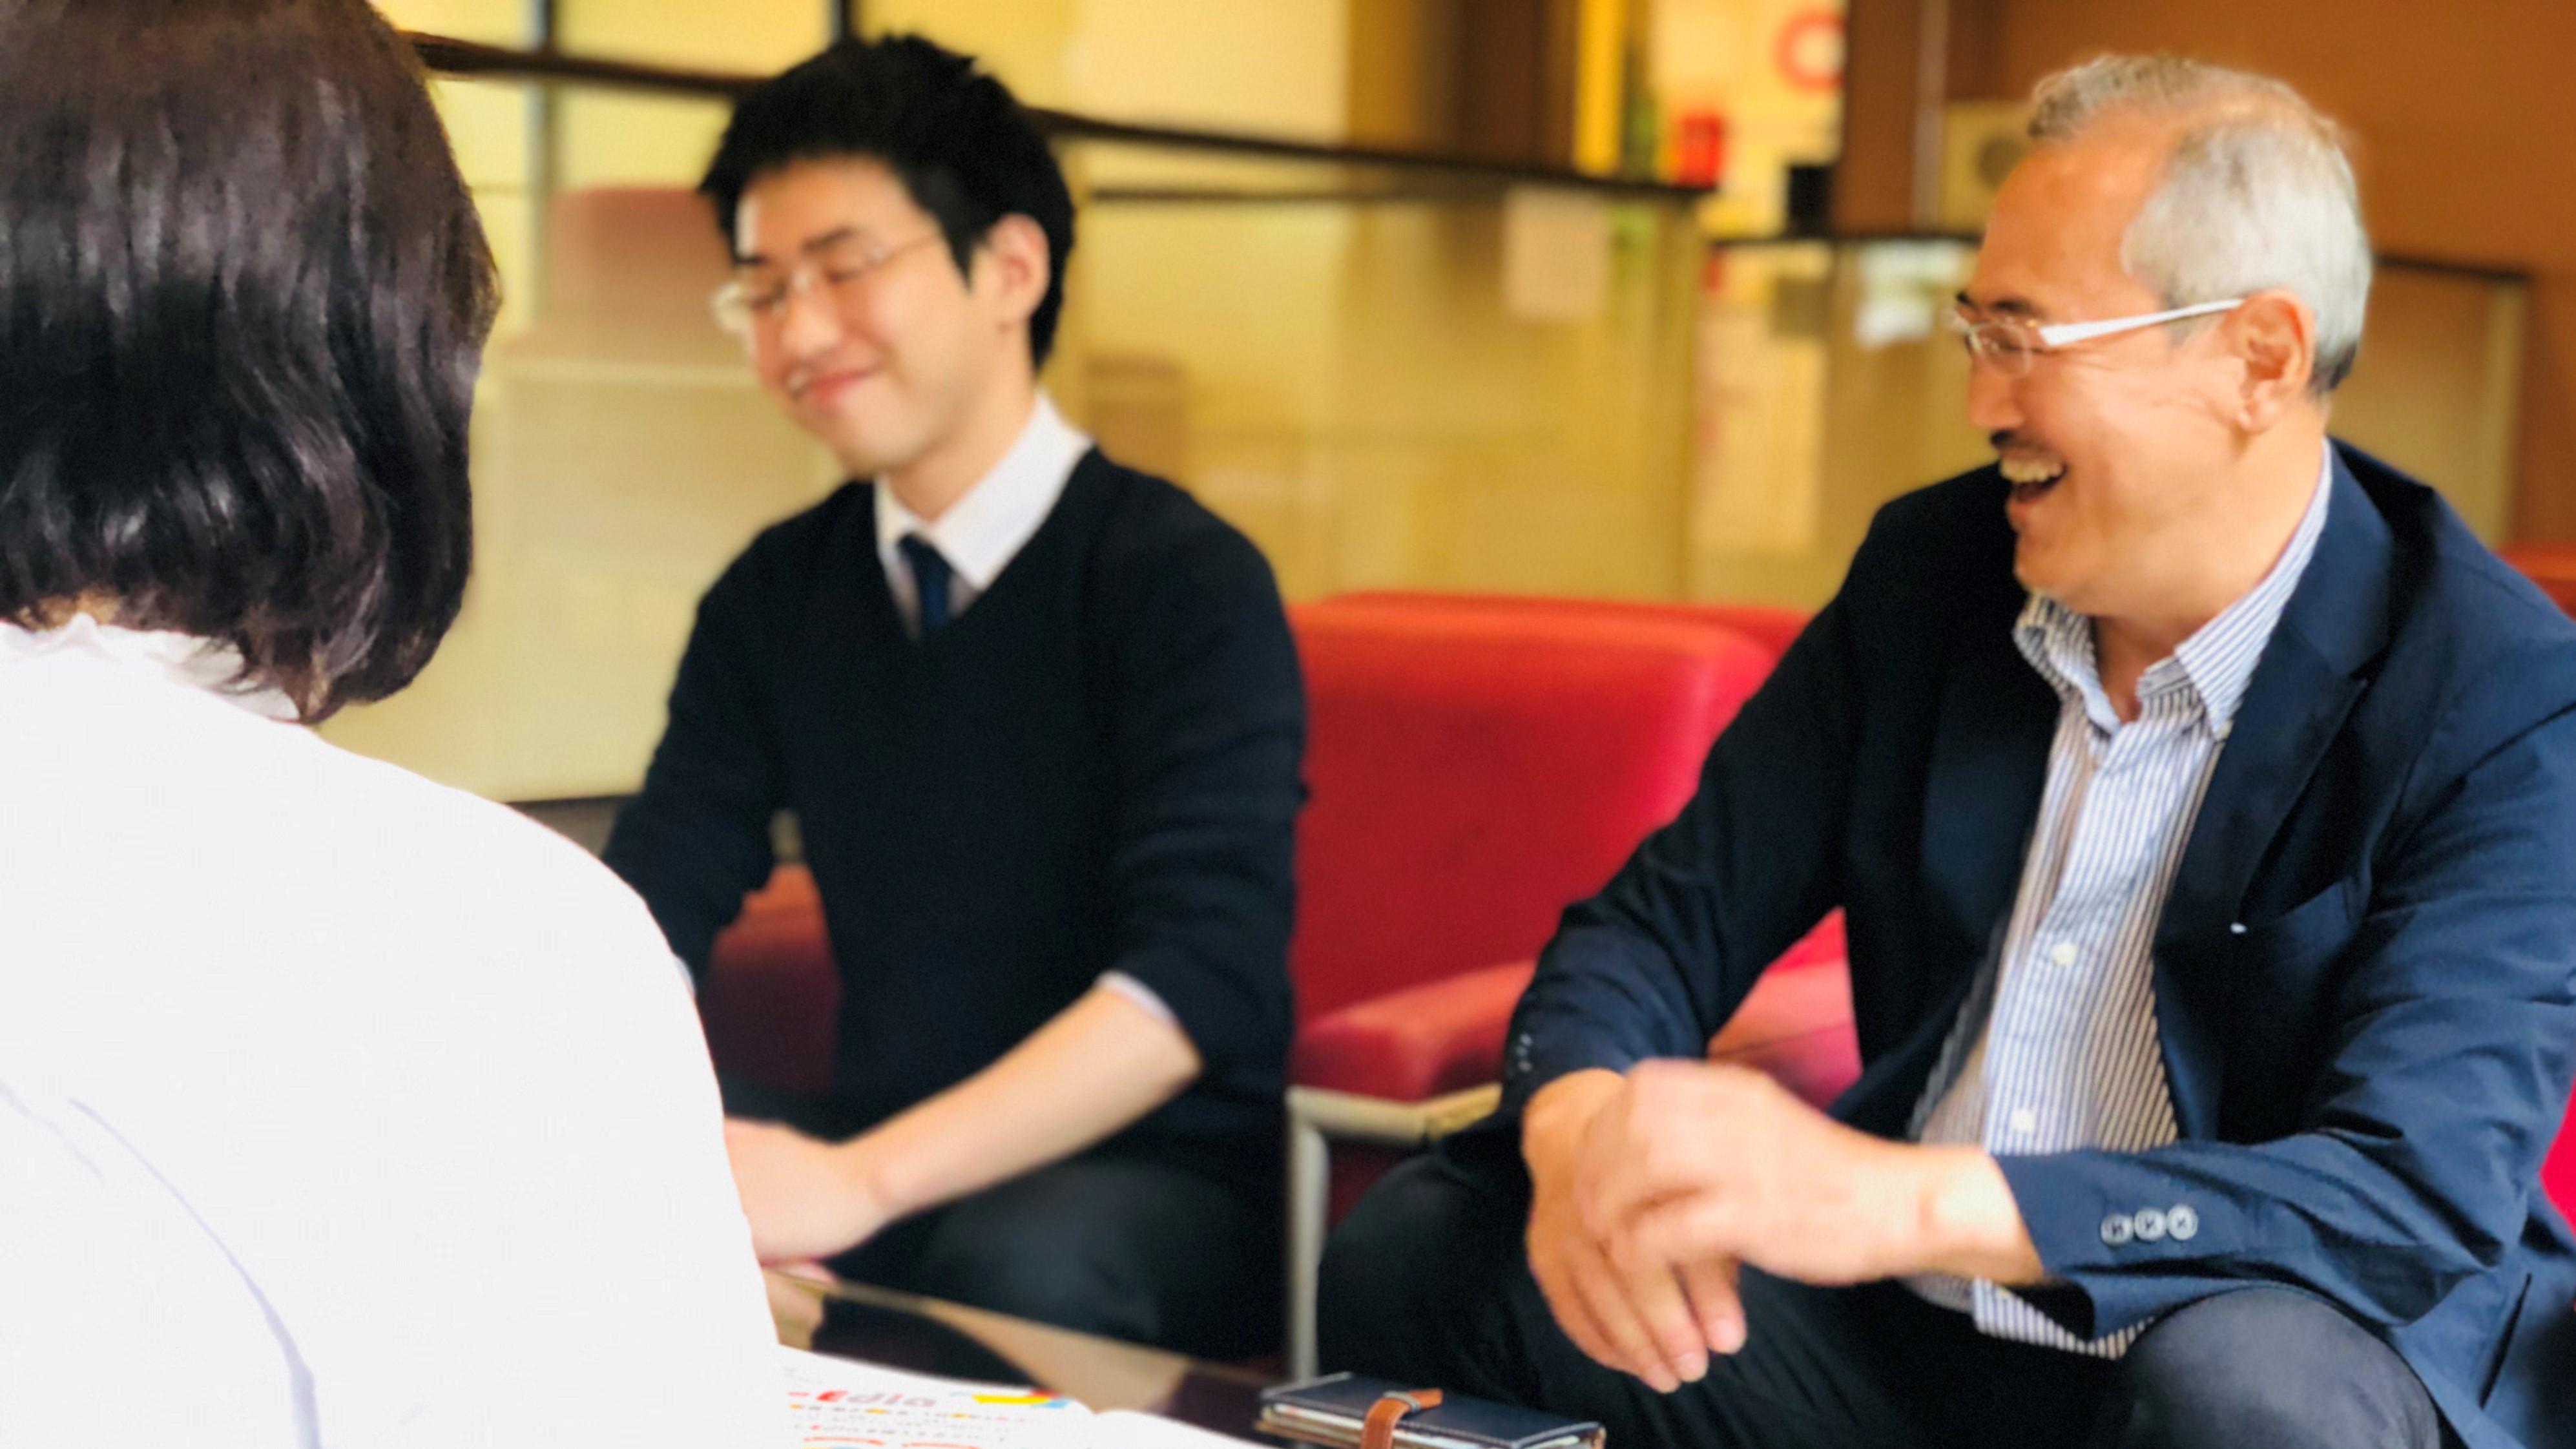 笑う太田さんと苦笑する和田さん